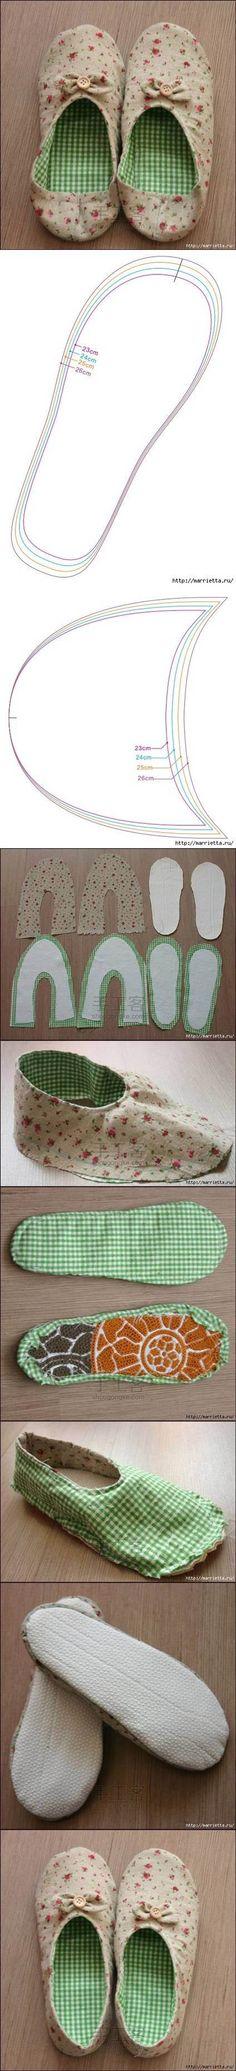 Zapatillas!! - Manualidades GratisManualidades Gratis - modello suola scarpina